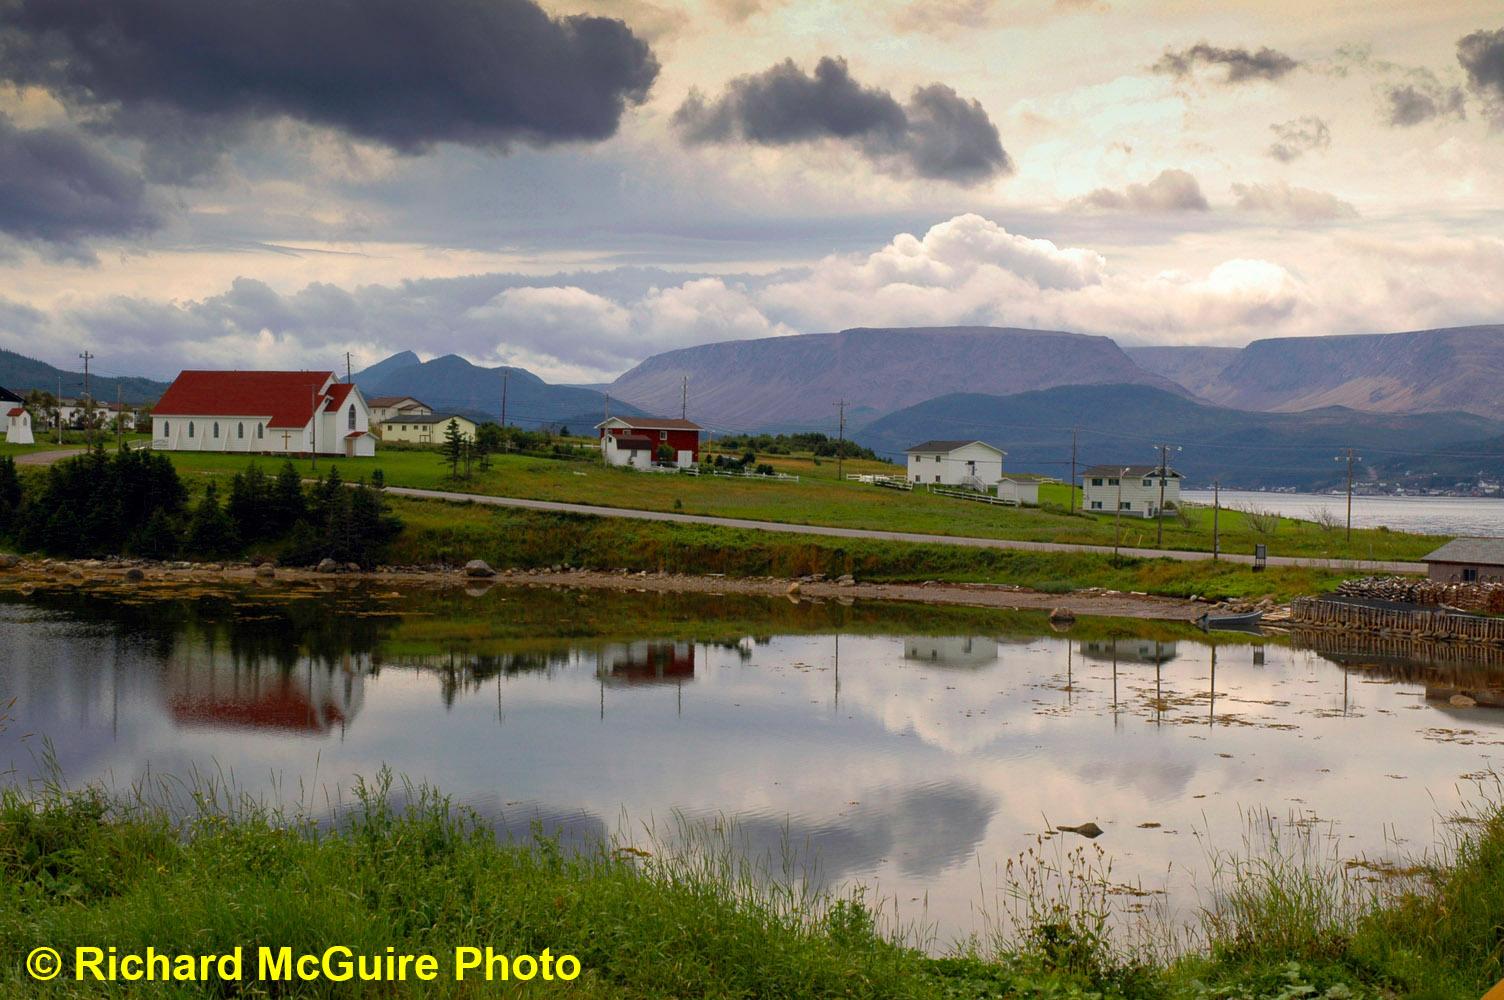 Near Norris Point, Gros Morne National Park, Newfoundland and Labrador, Canada